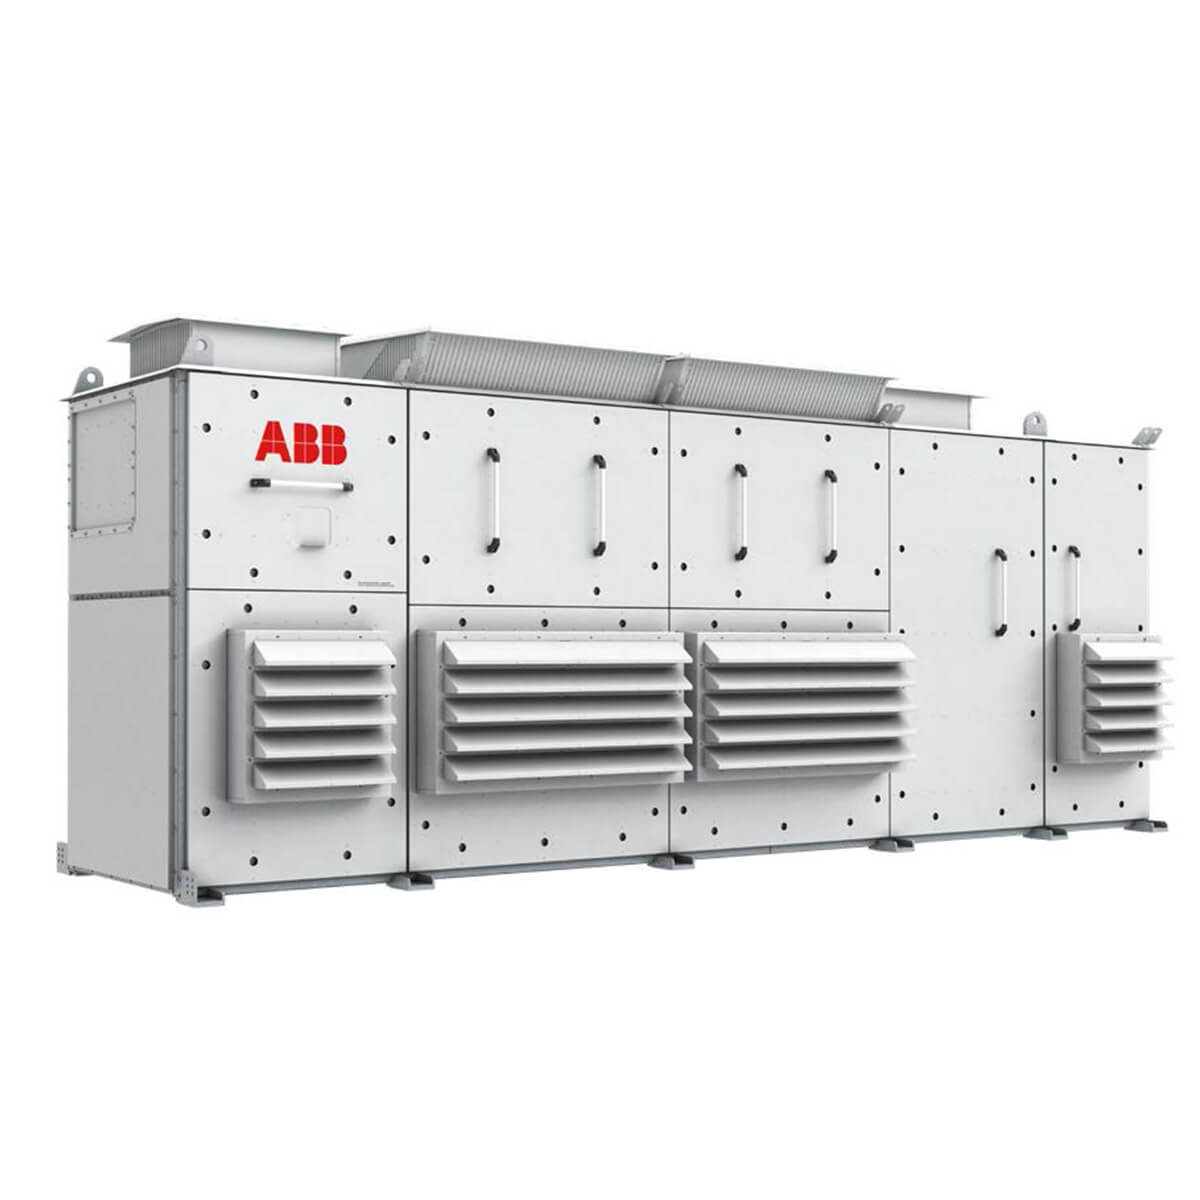 abb fimer 4565kW inverter, abb fimer pvs980-58 4565kW inverter, abb fimer pvs980-58-4.6-mva-4565kW-j inverter, abb fimer pvs980-58-4.6-mva-4565kW-j, abb fimer pvs980-58 4565 kW, ABB FIMER 4565 KW